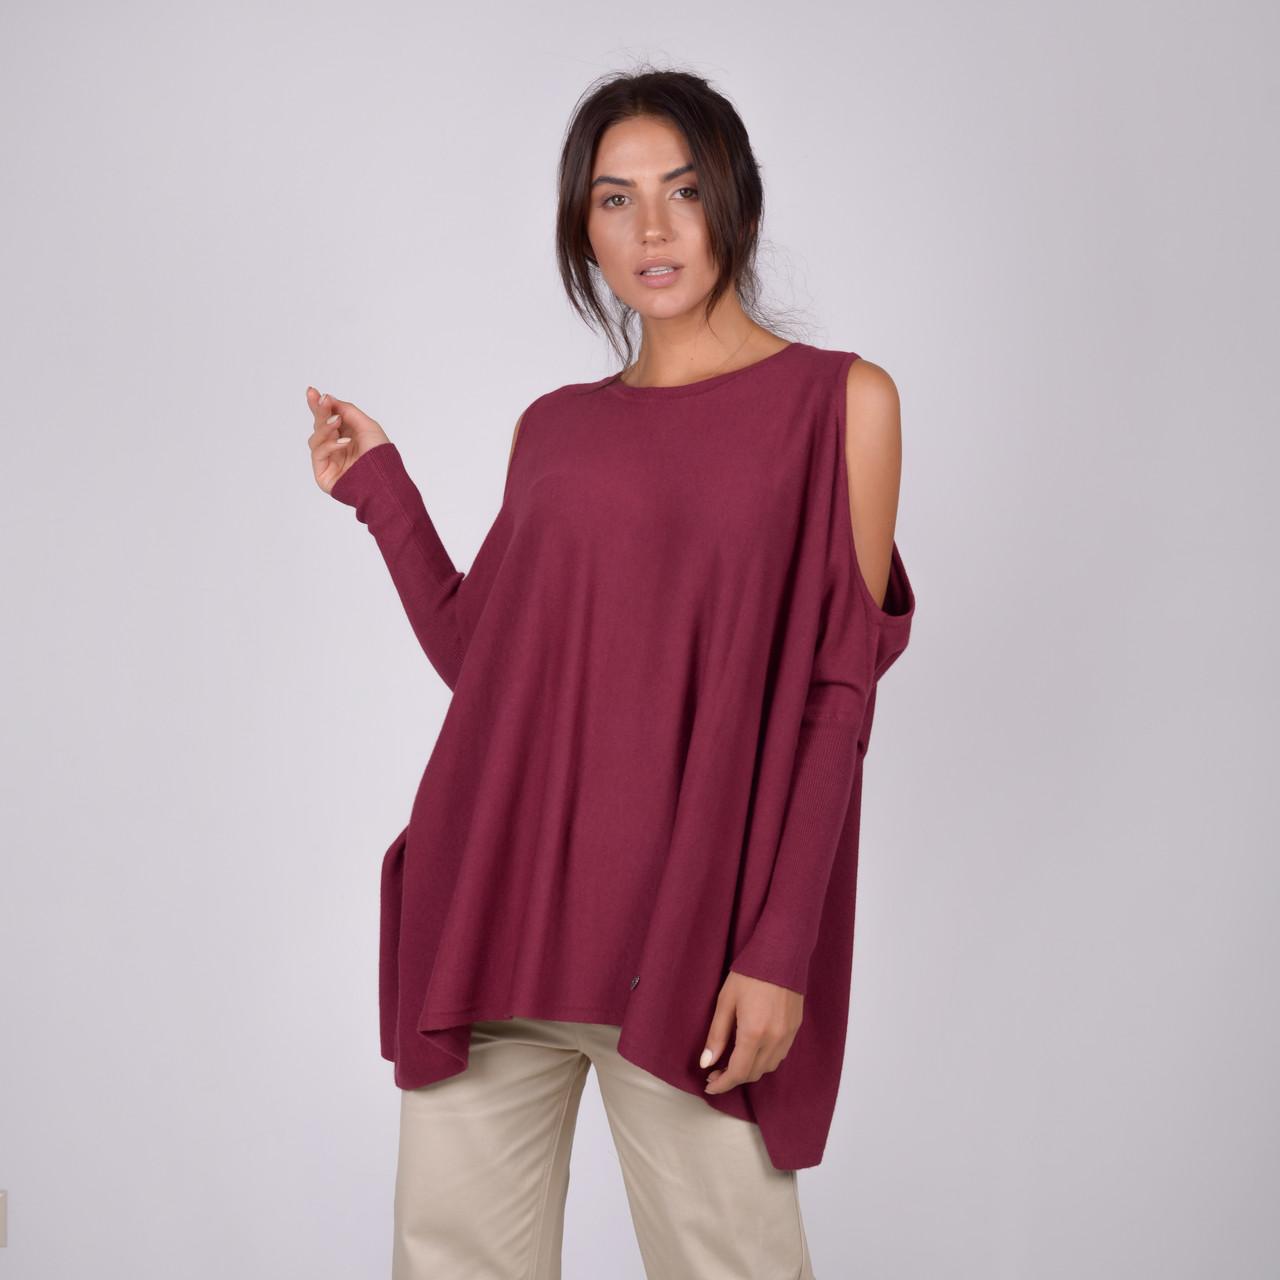 Трикотажна жіноча кофта з відкритими вільного крою в мікс кольорах в розмірах S/M, L/XL